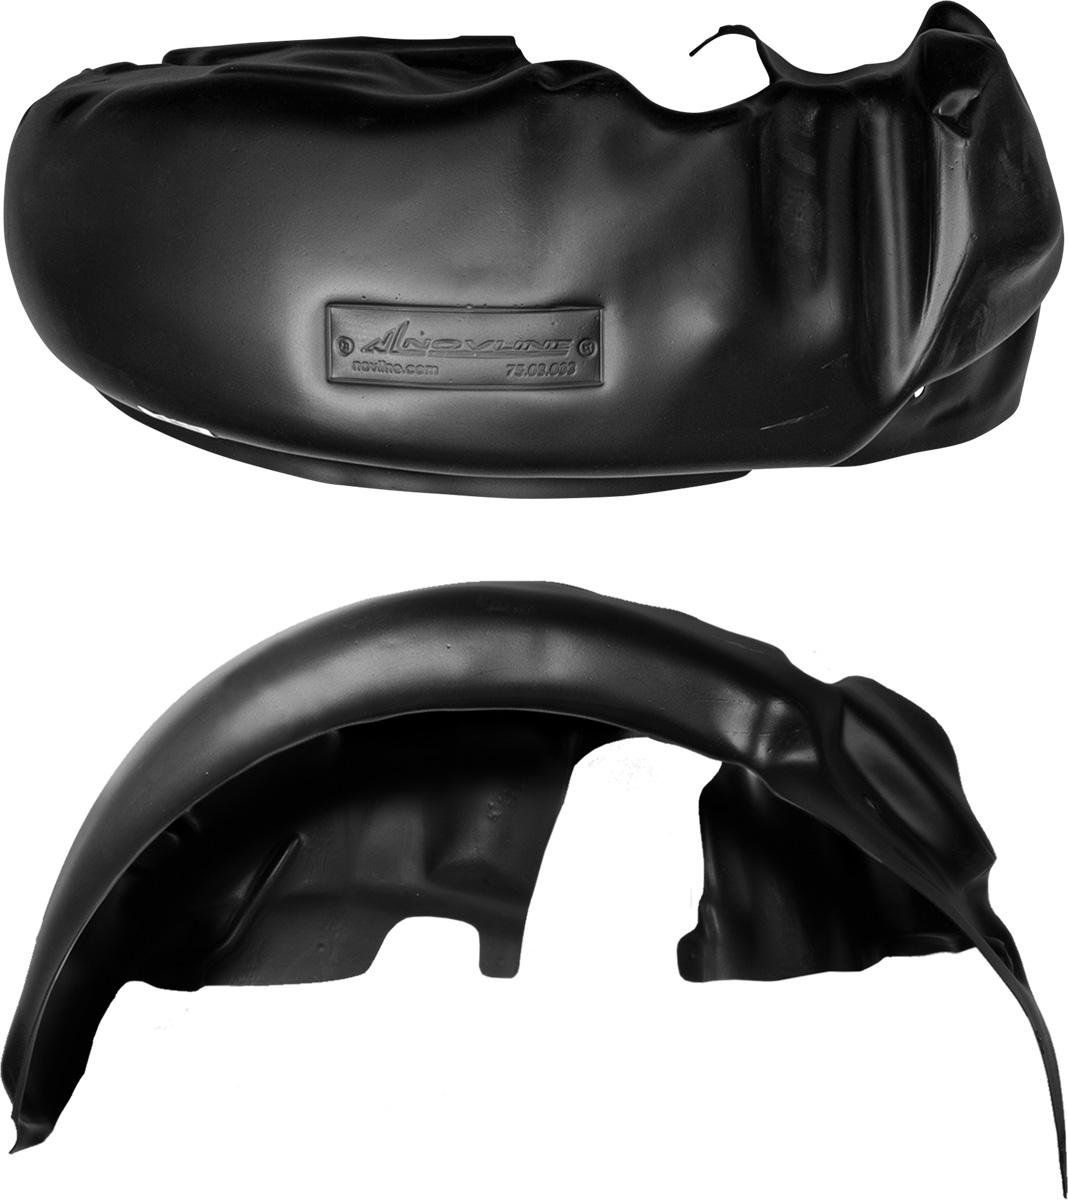 Подкрылок Novline-Autofamily, для RENAULT Logan, 2014->, задний правыйNLL.41.33.004Колесные ниши – одни из самых уязвимых зон днища вашего автомобиля. Они постоянно подвергаются воздействию со стороны дороги. Лучшая, почти абсолютная защита для них - специально отформованные пластиковые кожухи, которые называются подкрылками, или локерами. Производятся они как для отечественных моделей автомобилей, так и для иномарок. Подкрылки Novline-Autofamily выполнены из высококачественного, экологически чистого пластика. Обеспечивают надежную защиту кузова автомобиля от пескоструйного эффекта и негативного влияния, агрессивных антигололедных реагентов. Пластик обладает более низкой теплопроводностью, чем металл, поэтому в зимний период эксплуатации использование пластиковых подкрылков позволяет лучше защитить колесные ниши от налипания снега и образования наледи. Оригинальность конструкции подчеркивает элегантность автомобиля, бережно защищает нанесенное на днище кузова антикоррозийное покрытие и позволяет осуществить крепление подкрылков внутри колесной арки практически без дополнительного крепежа и сверления, не нарушая при этом лакокрасочного покрытия, что предотвращает возникновение новых очагов коррозии. Технология крепления подкрылков на иномарки принципиально отличается от крепления на российские автомобили и разрабатывается индивидуально для каждой модели автомобиля. Подкрылки долговечны, обладают высокой прочностью и сохраняют заданную форму, а также все свои физико-механические характеристики в самых тяжелых климатических условиях ( от -50° С до + 50° С).